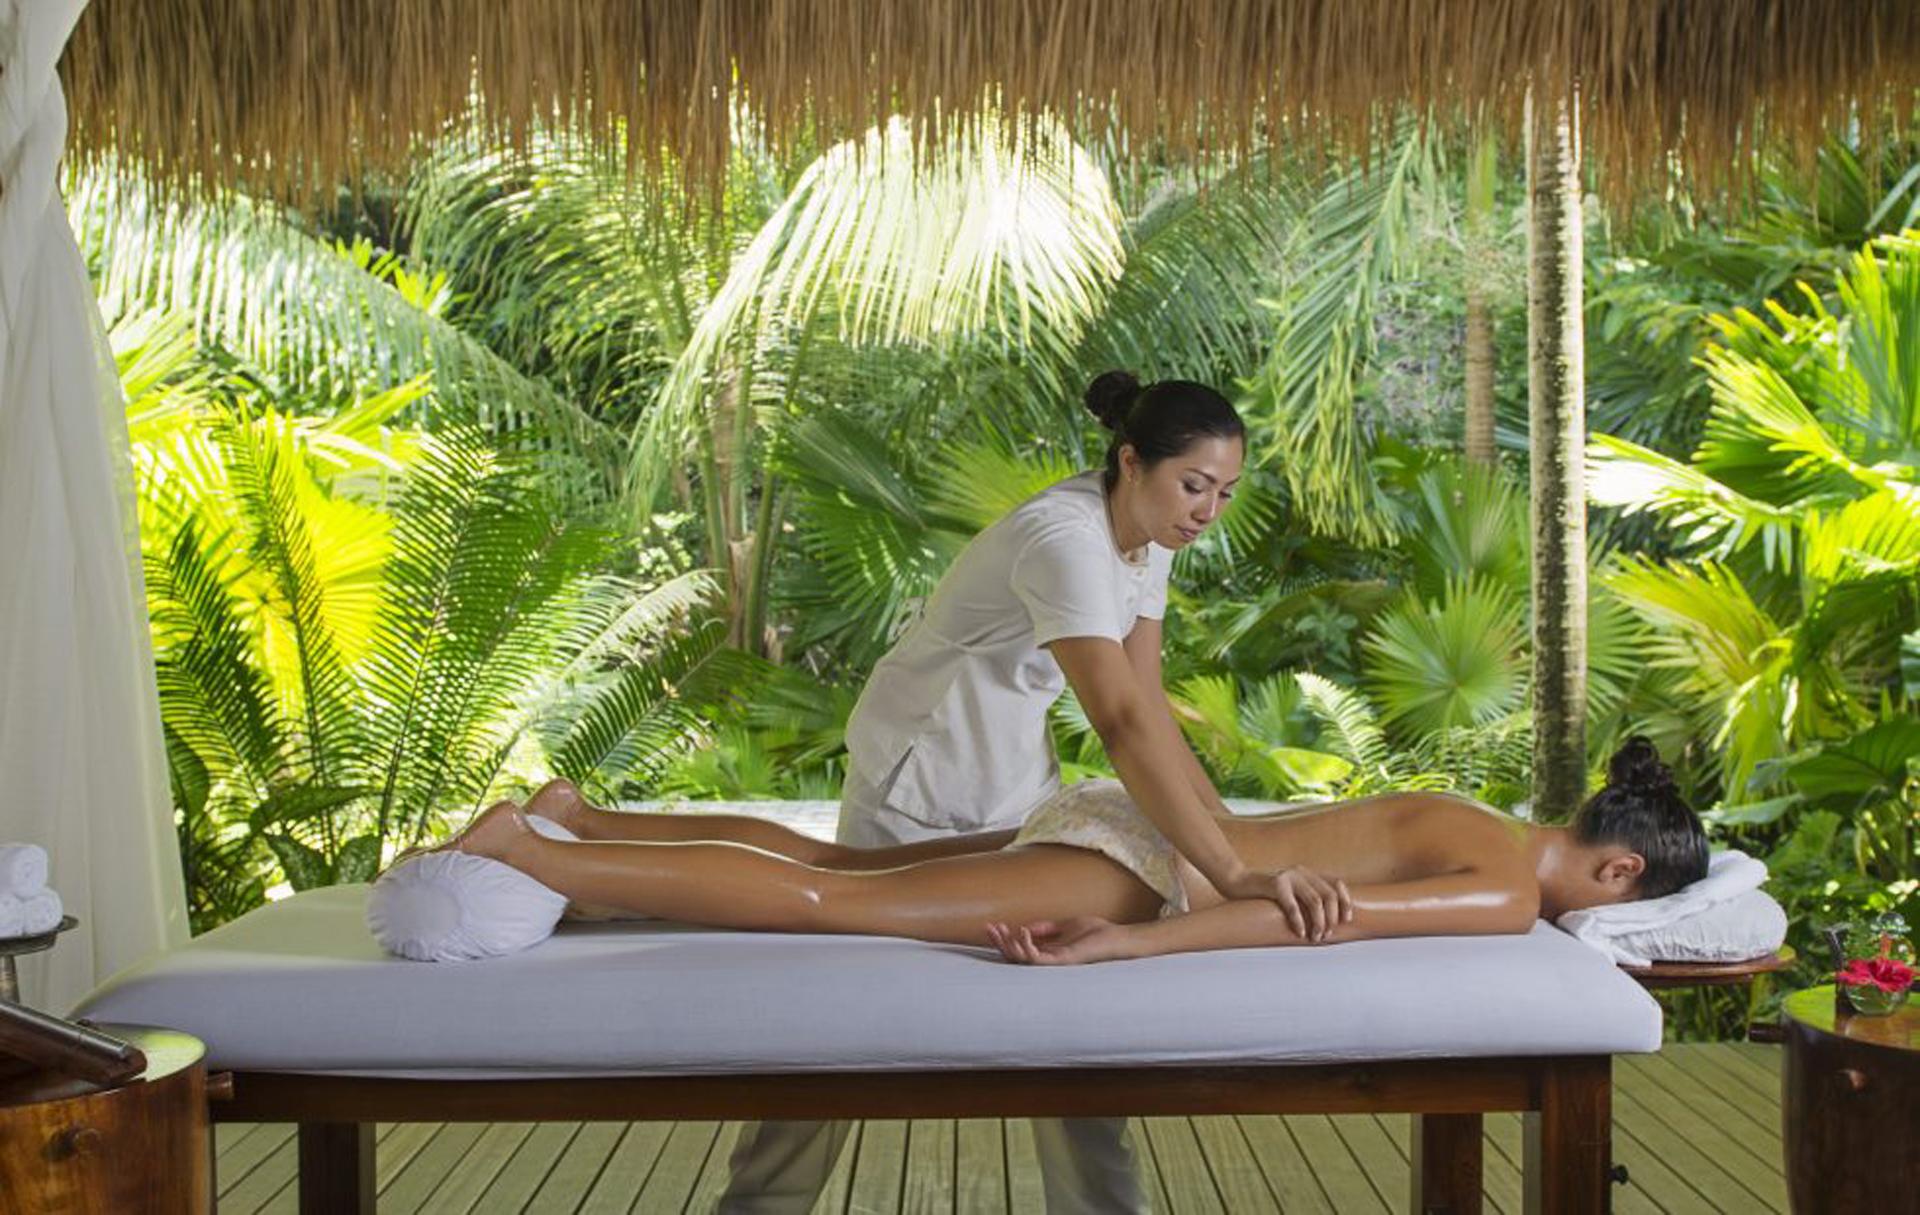 Clima tropical y vegetacion abundante, los mejores especialistas realizan sus tratamientos al sonido de los pájaros(Maia Luxury Resort & Spa)